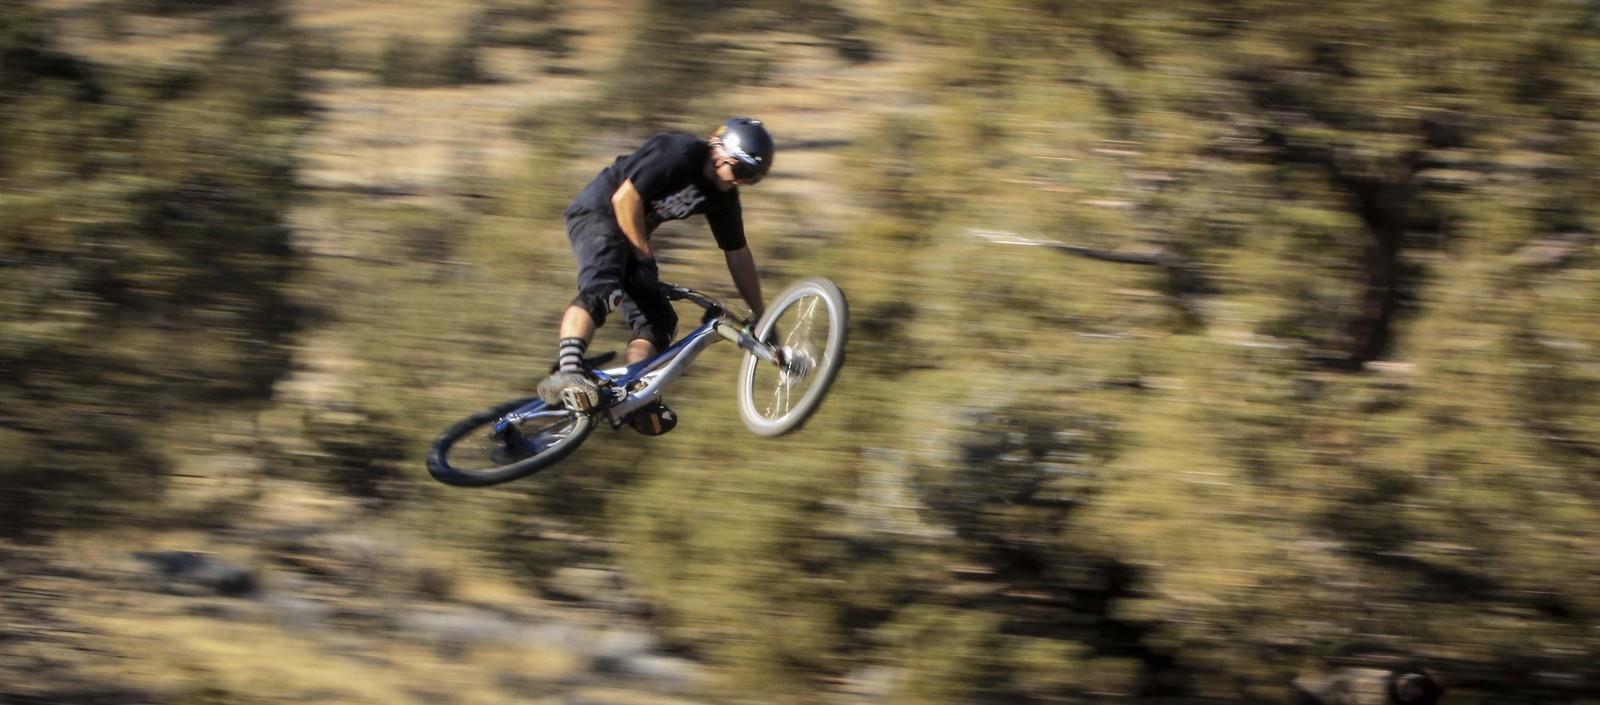 Tanner-6 - Yuroshek - Mountain Biking Pictures - Vital MTB